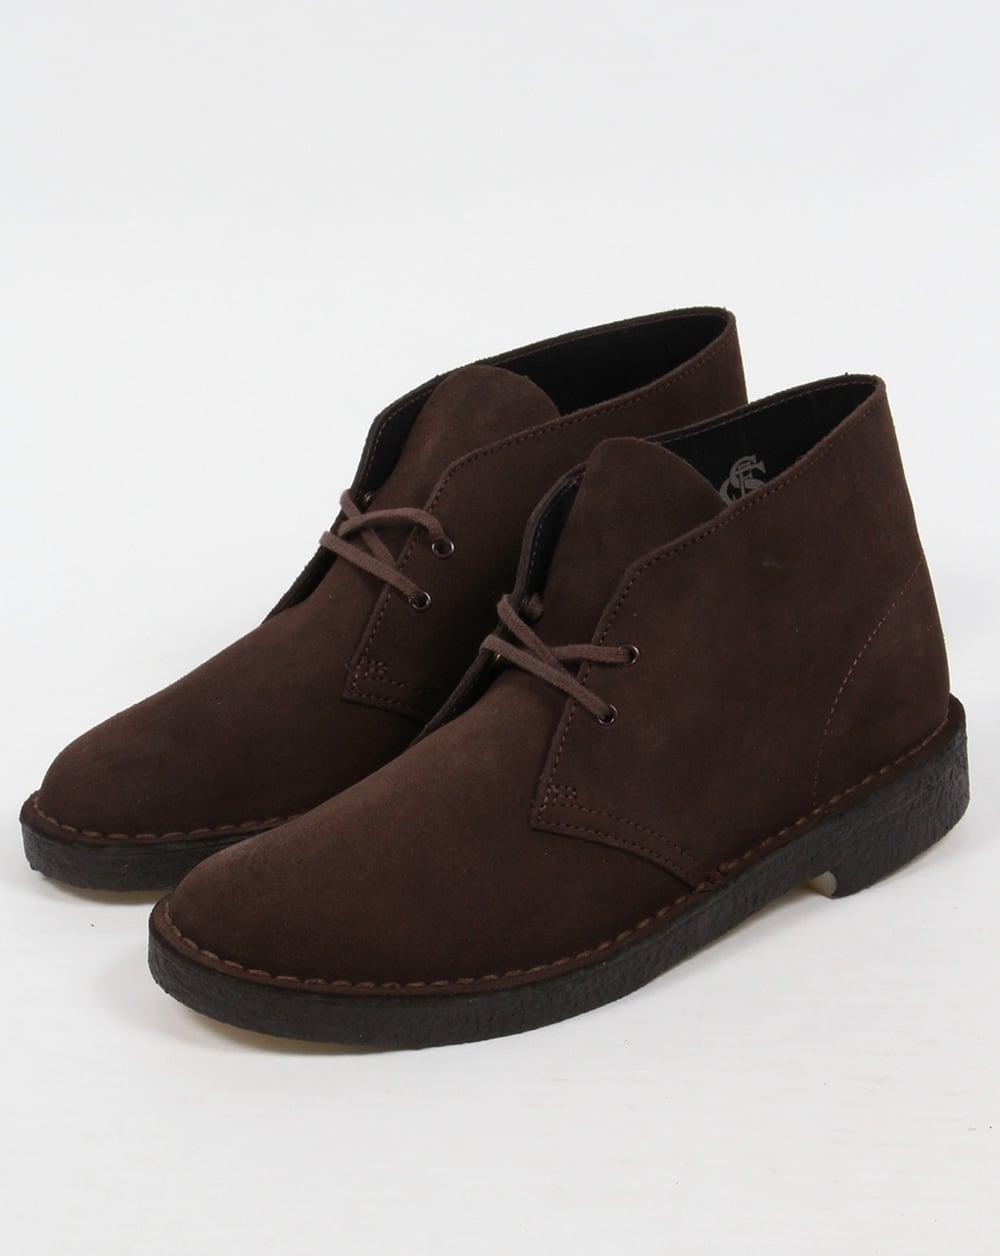 clarks originals desert boot in suede brown